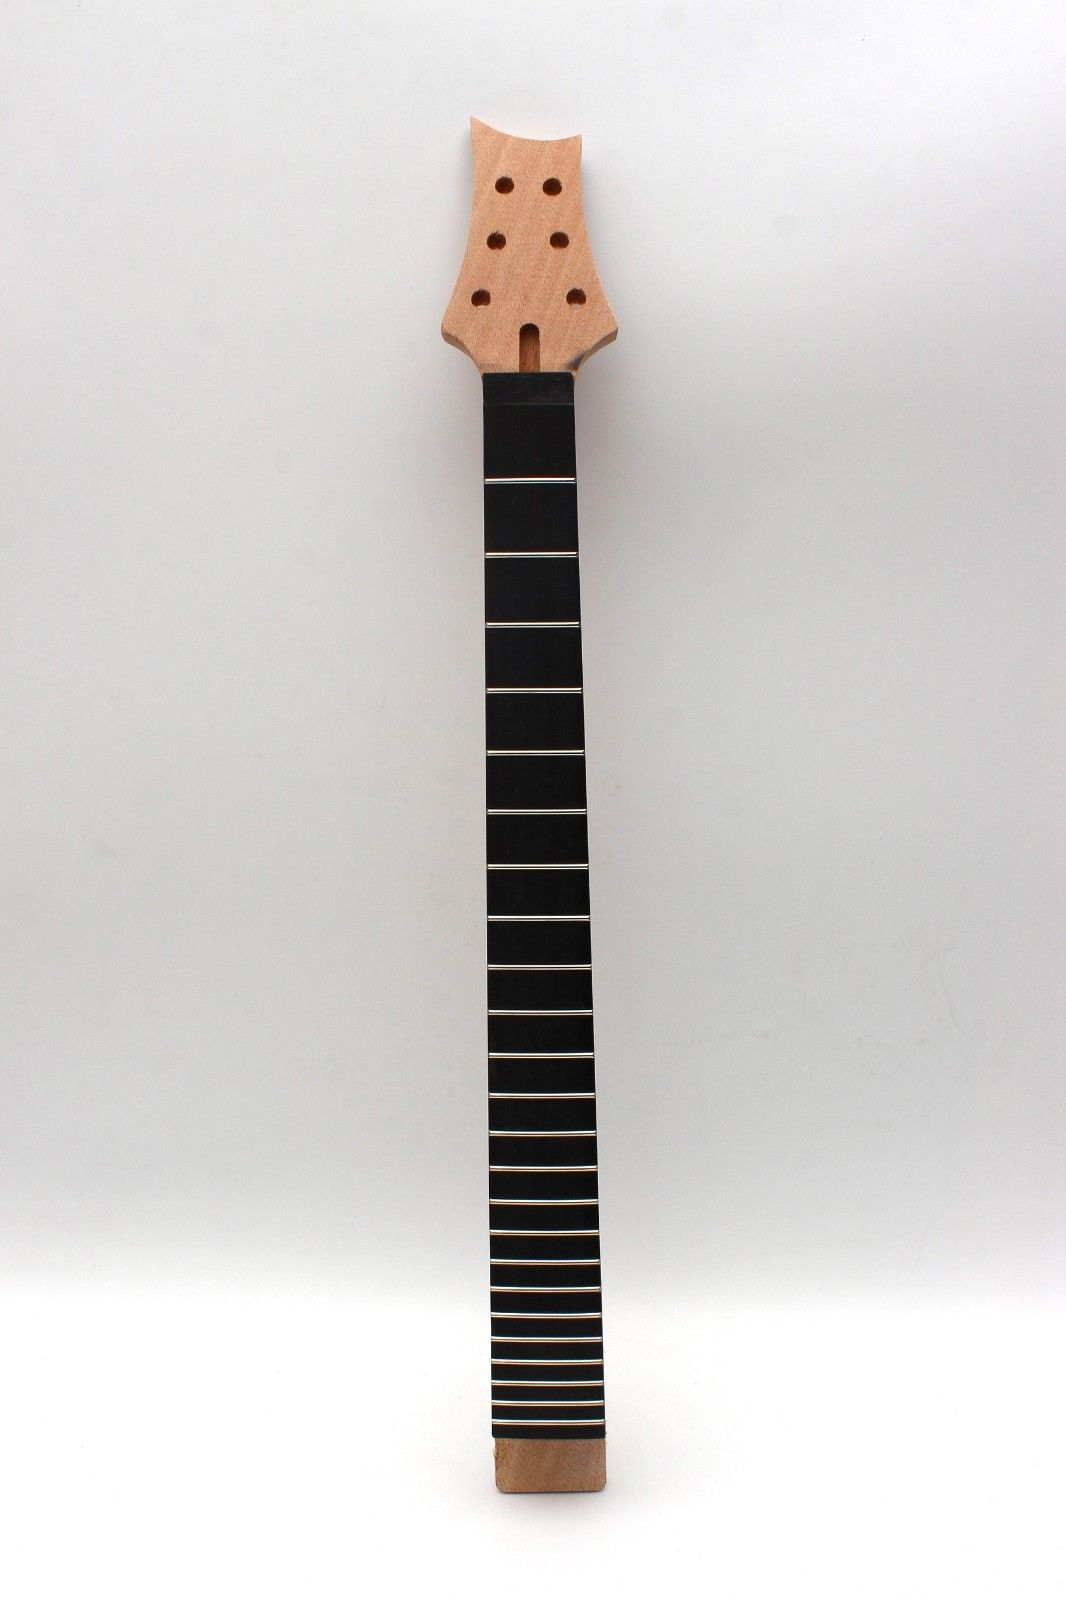 Guitare cou 22 Fret acajou ébène guitare Fretboard écrou de verrouillage pièces 25.5'